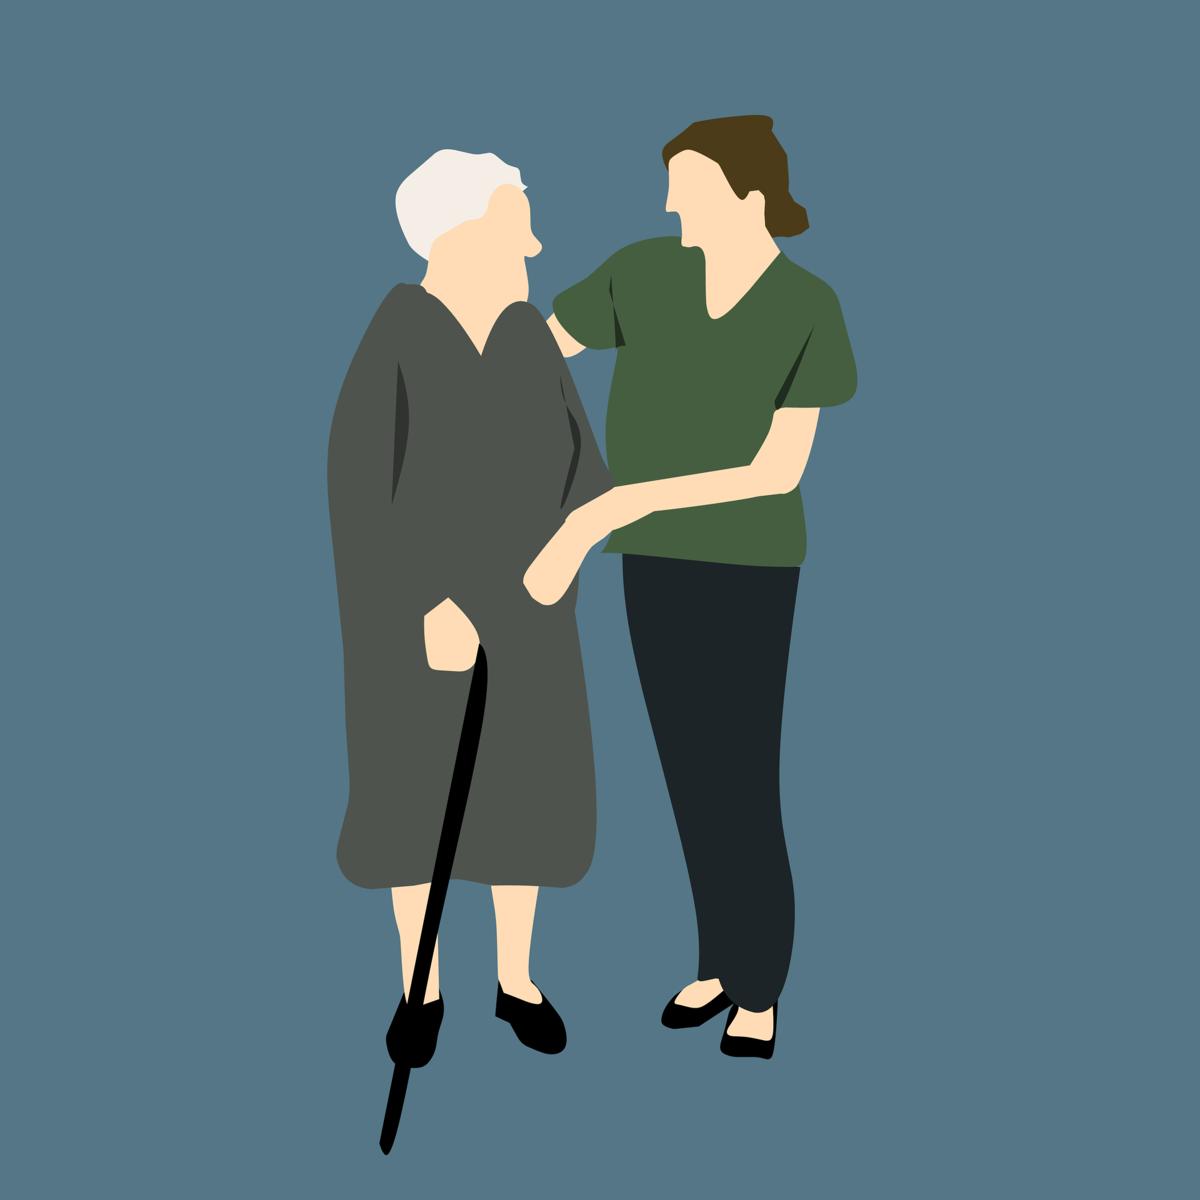 En animerad bild på en äldre dam med käpp som konverserar med en yngre människa